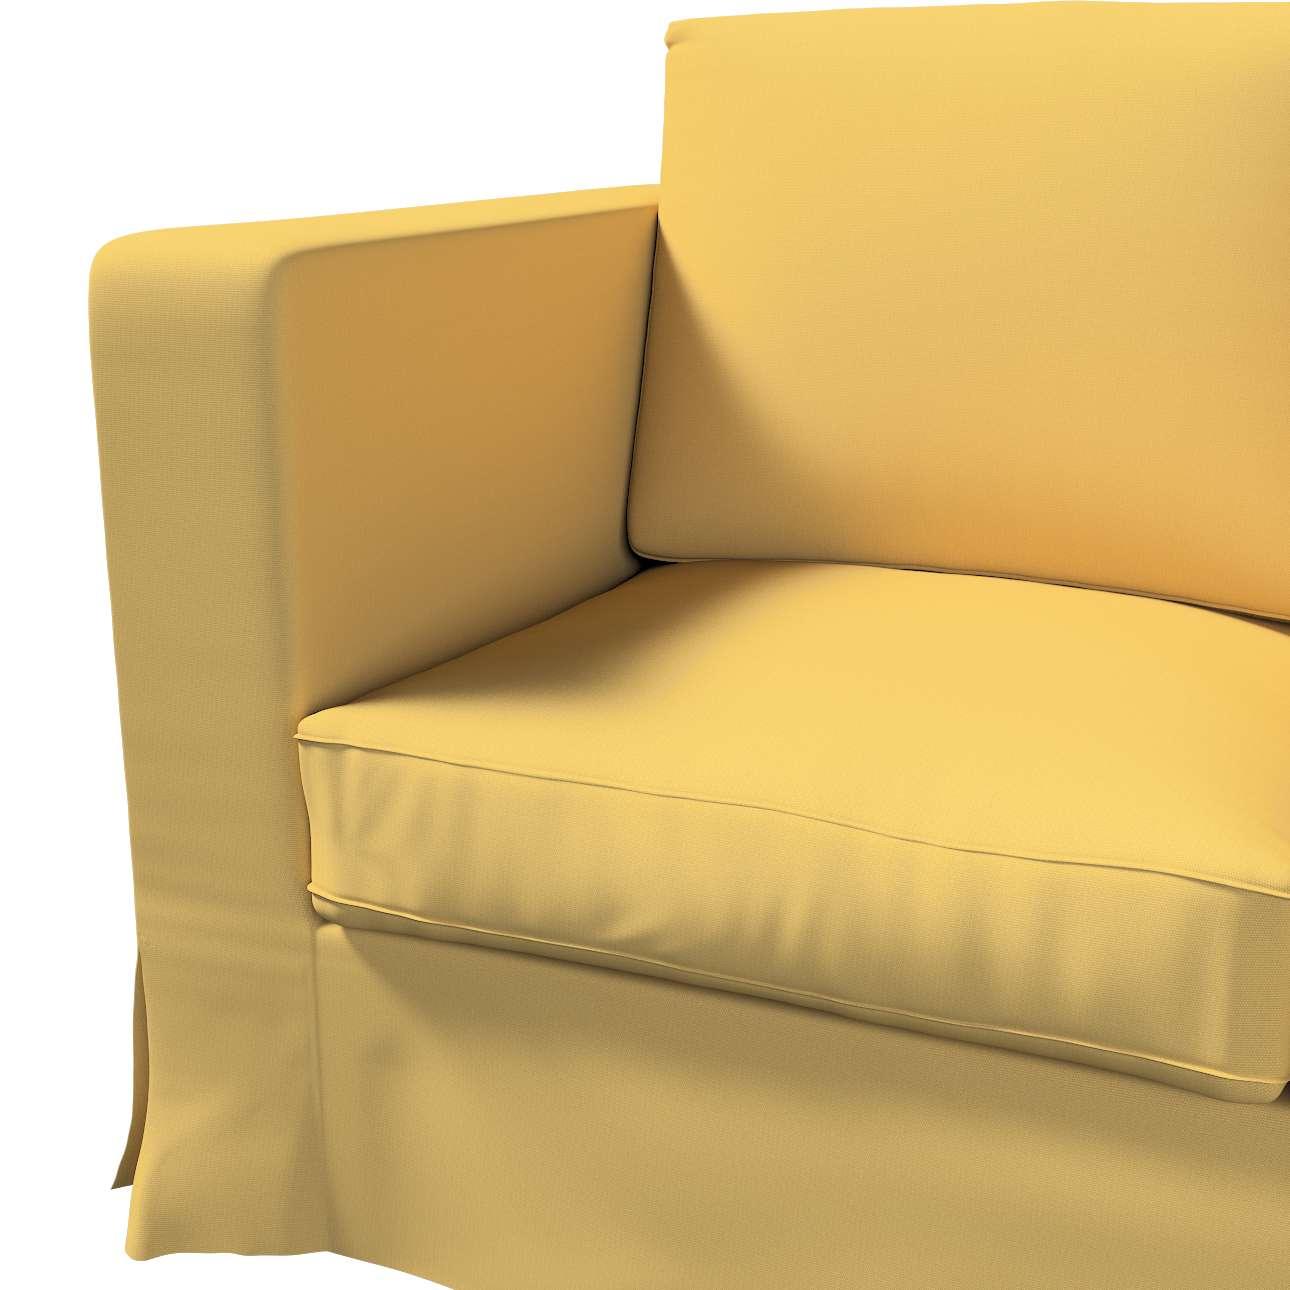 Bezug für Karlanda 3-Sitzer Sofa nicht ausklappbar, lang von der Kollektion Cotton Panama, Stoff: 702-41